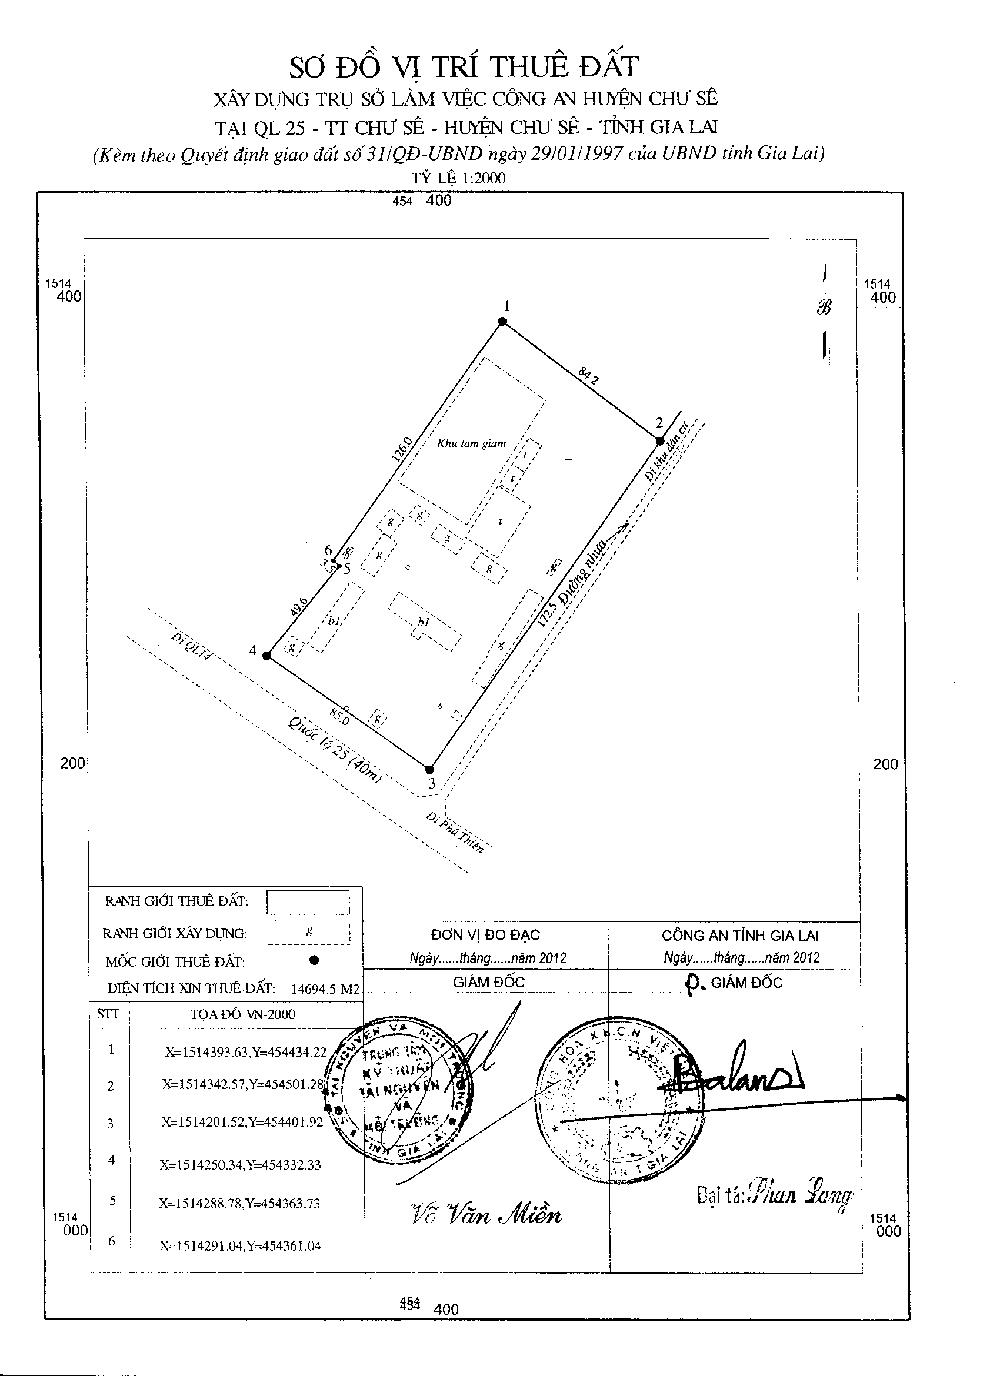 Quy hoạch trụ sở làm việc công an huyện Chư Sê1